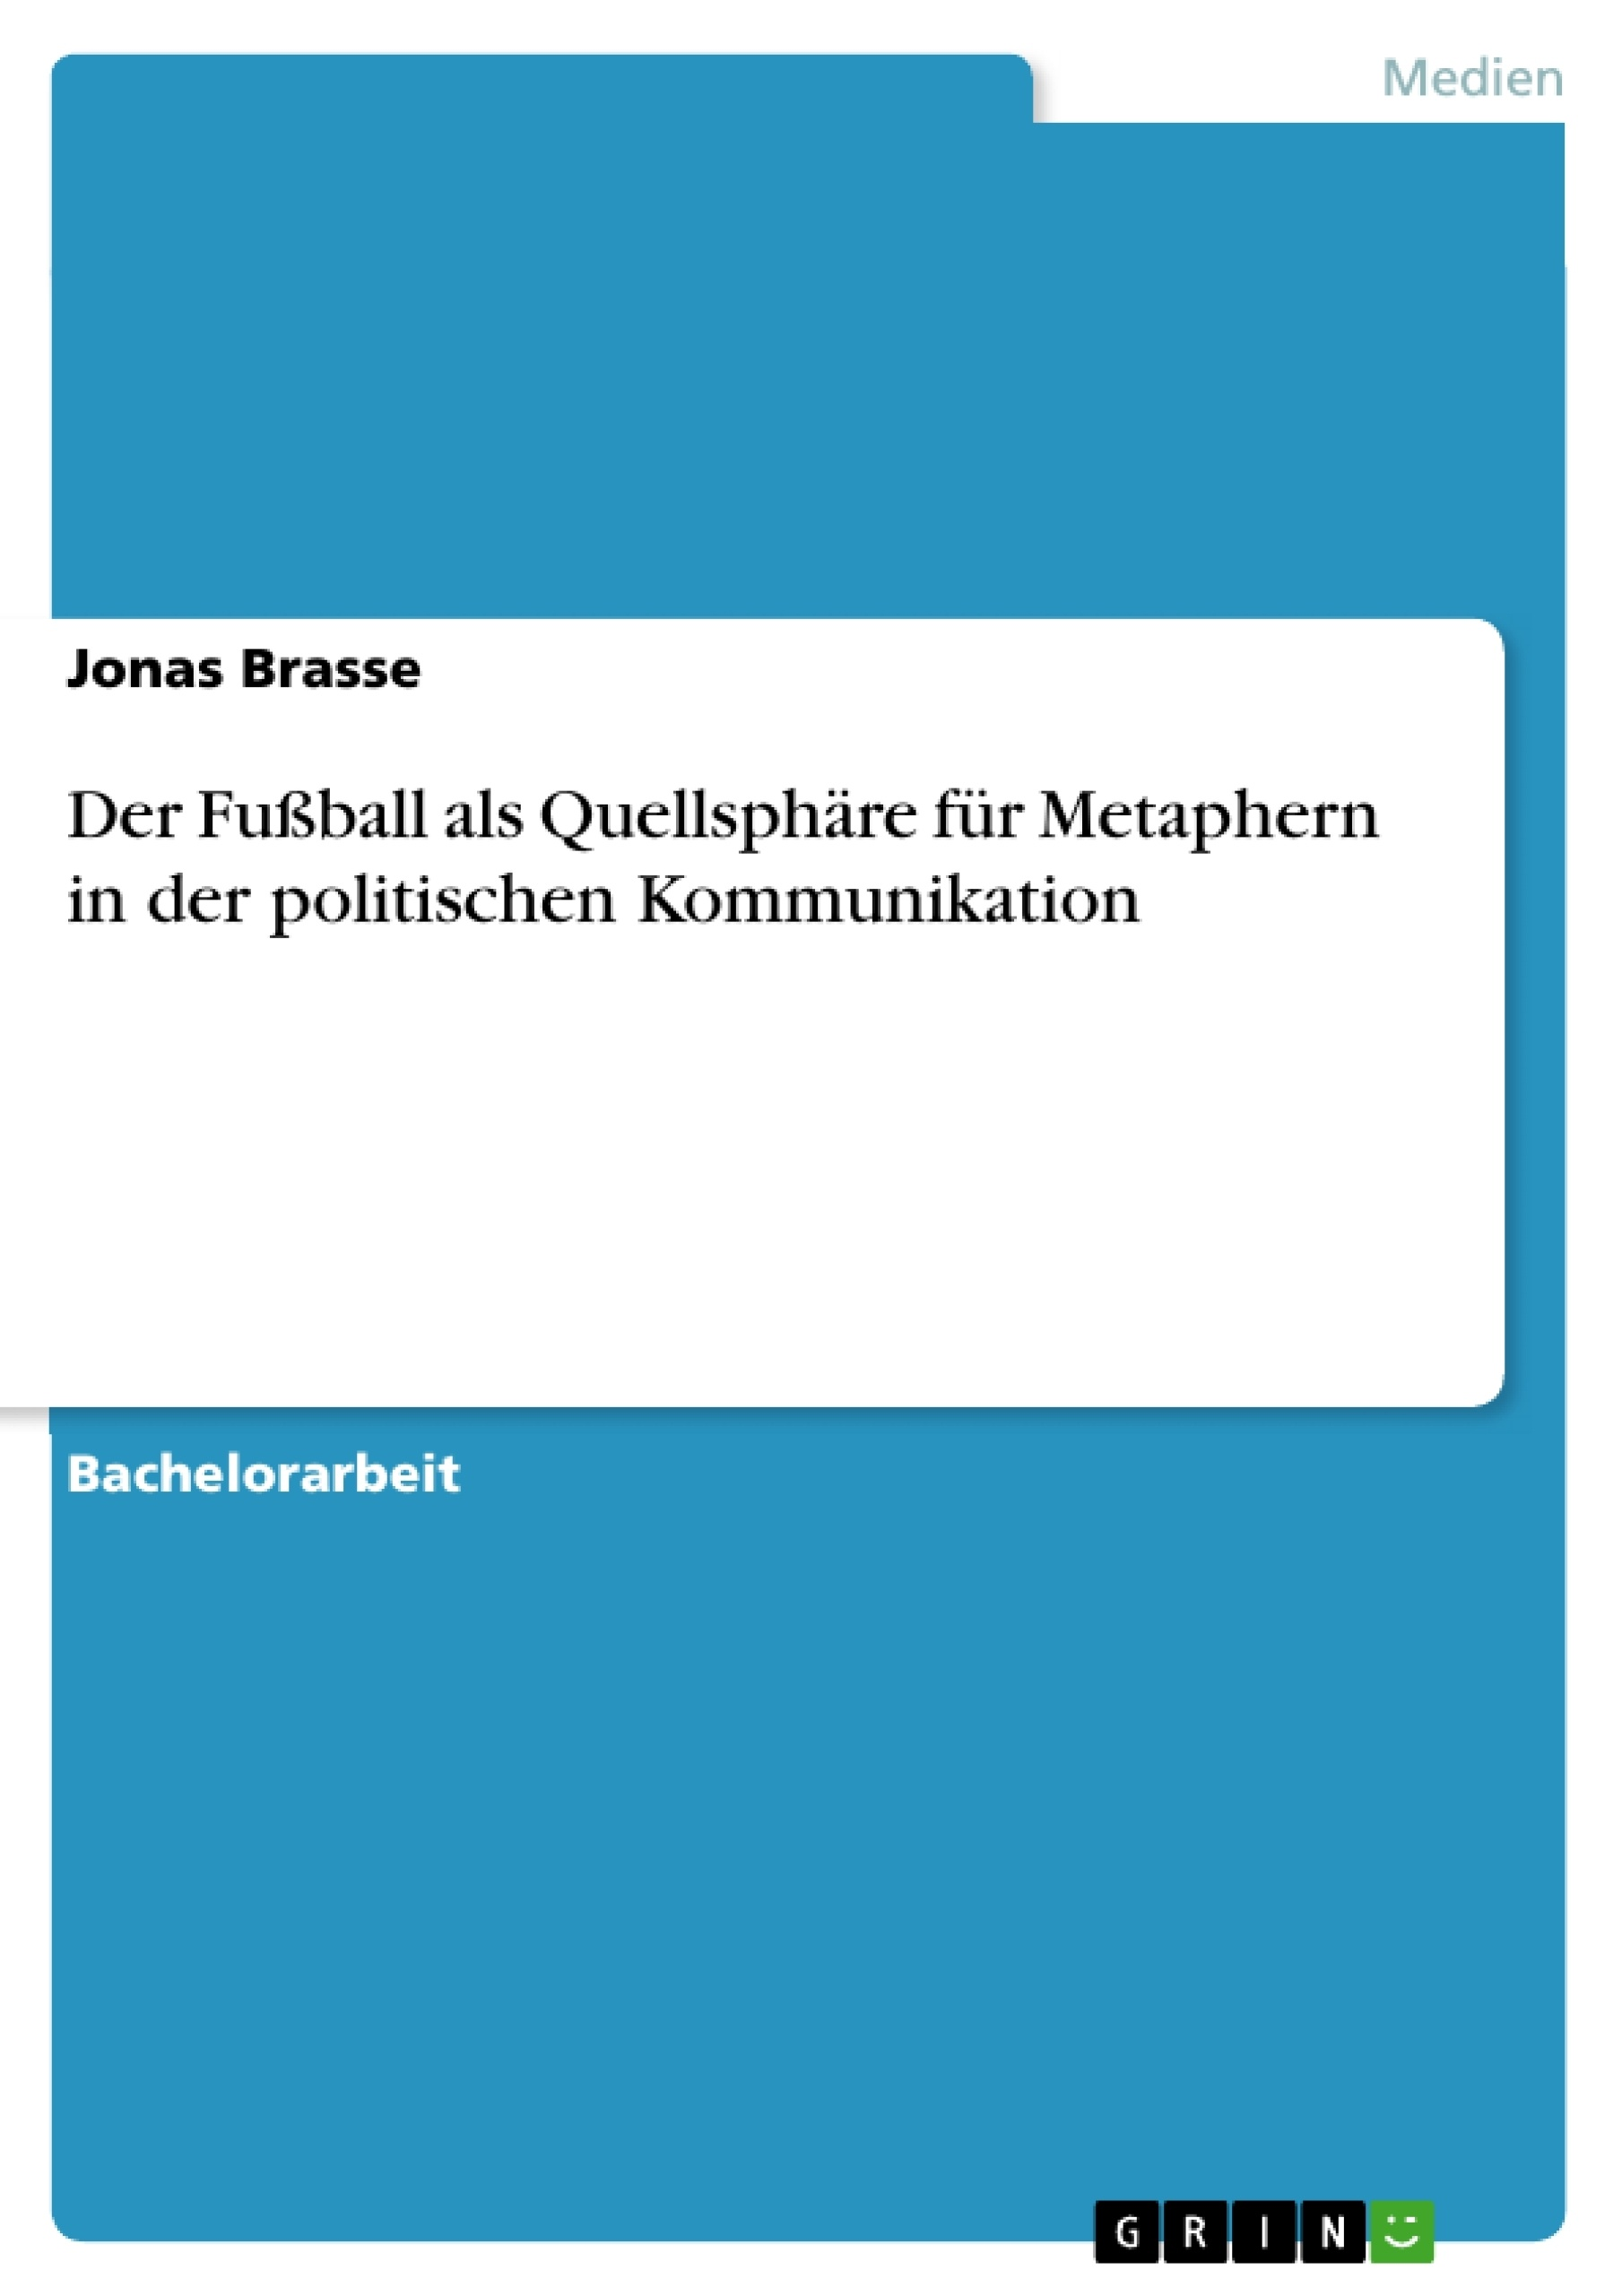 Titel: Der Fußball als Quellsphäre für Metaphern in der politischen Kommunikation